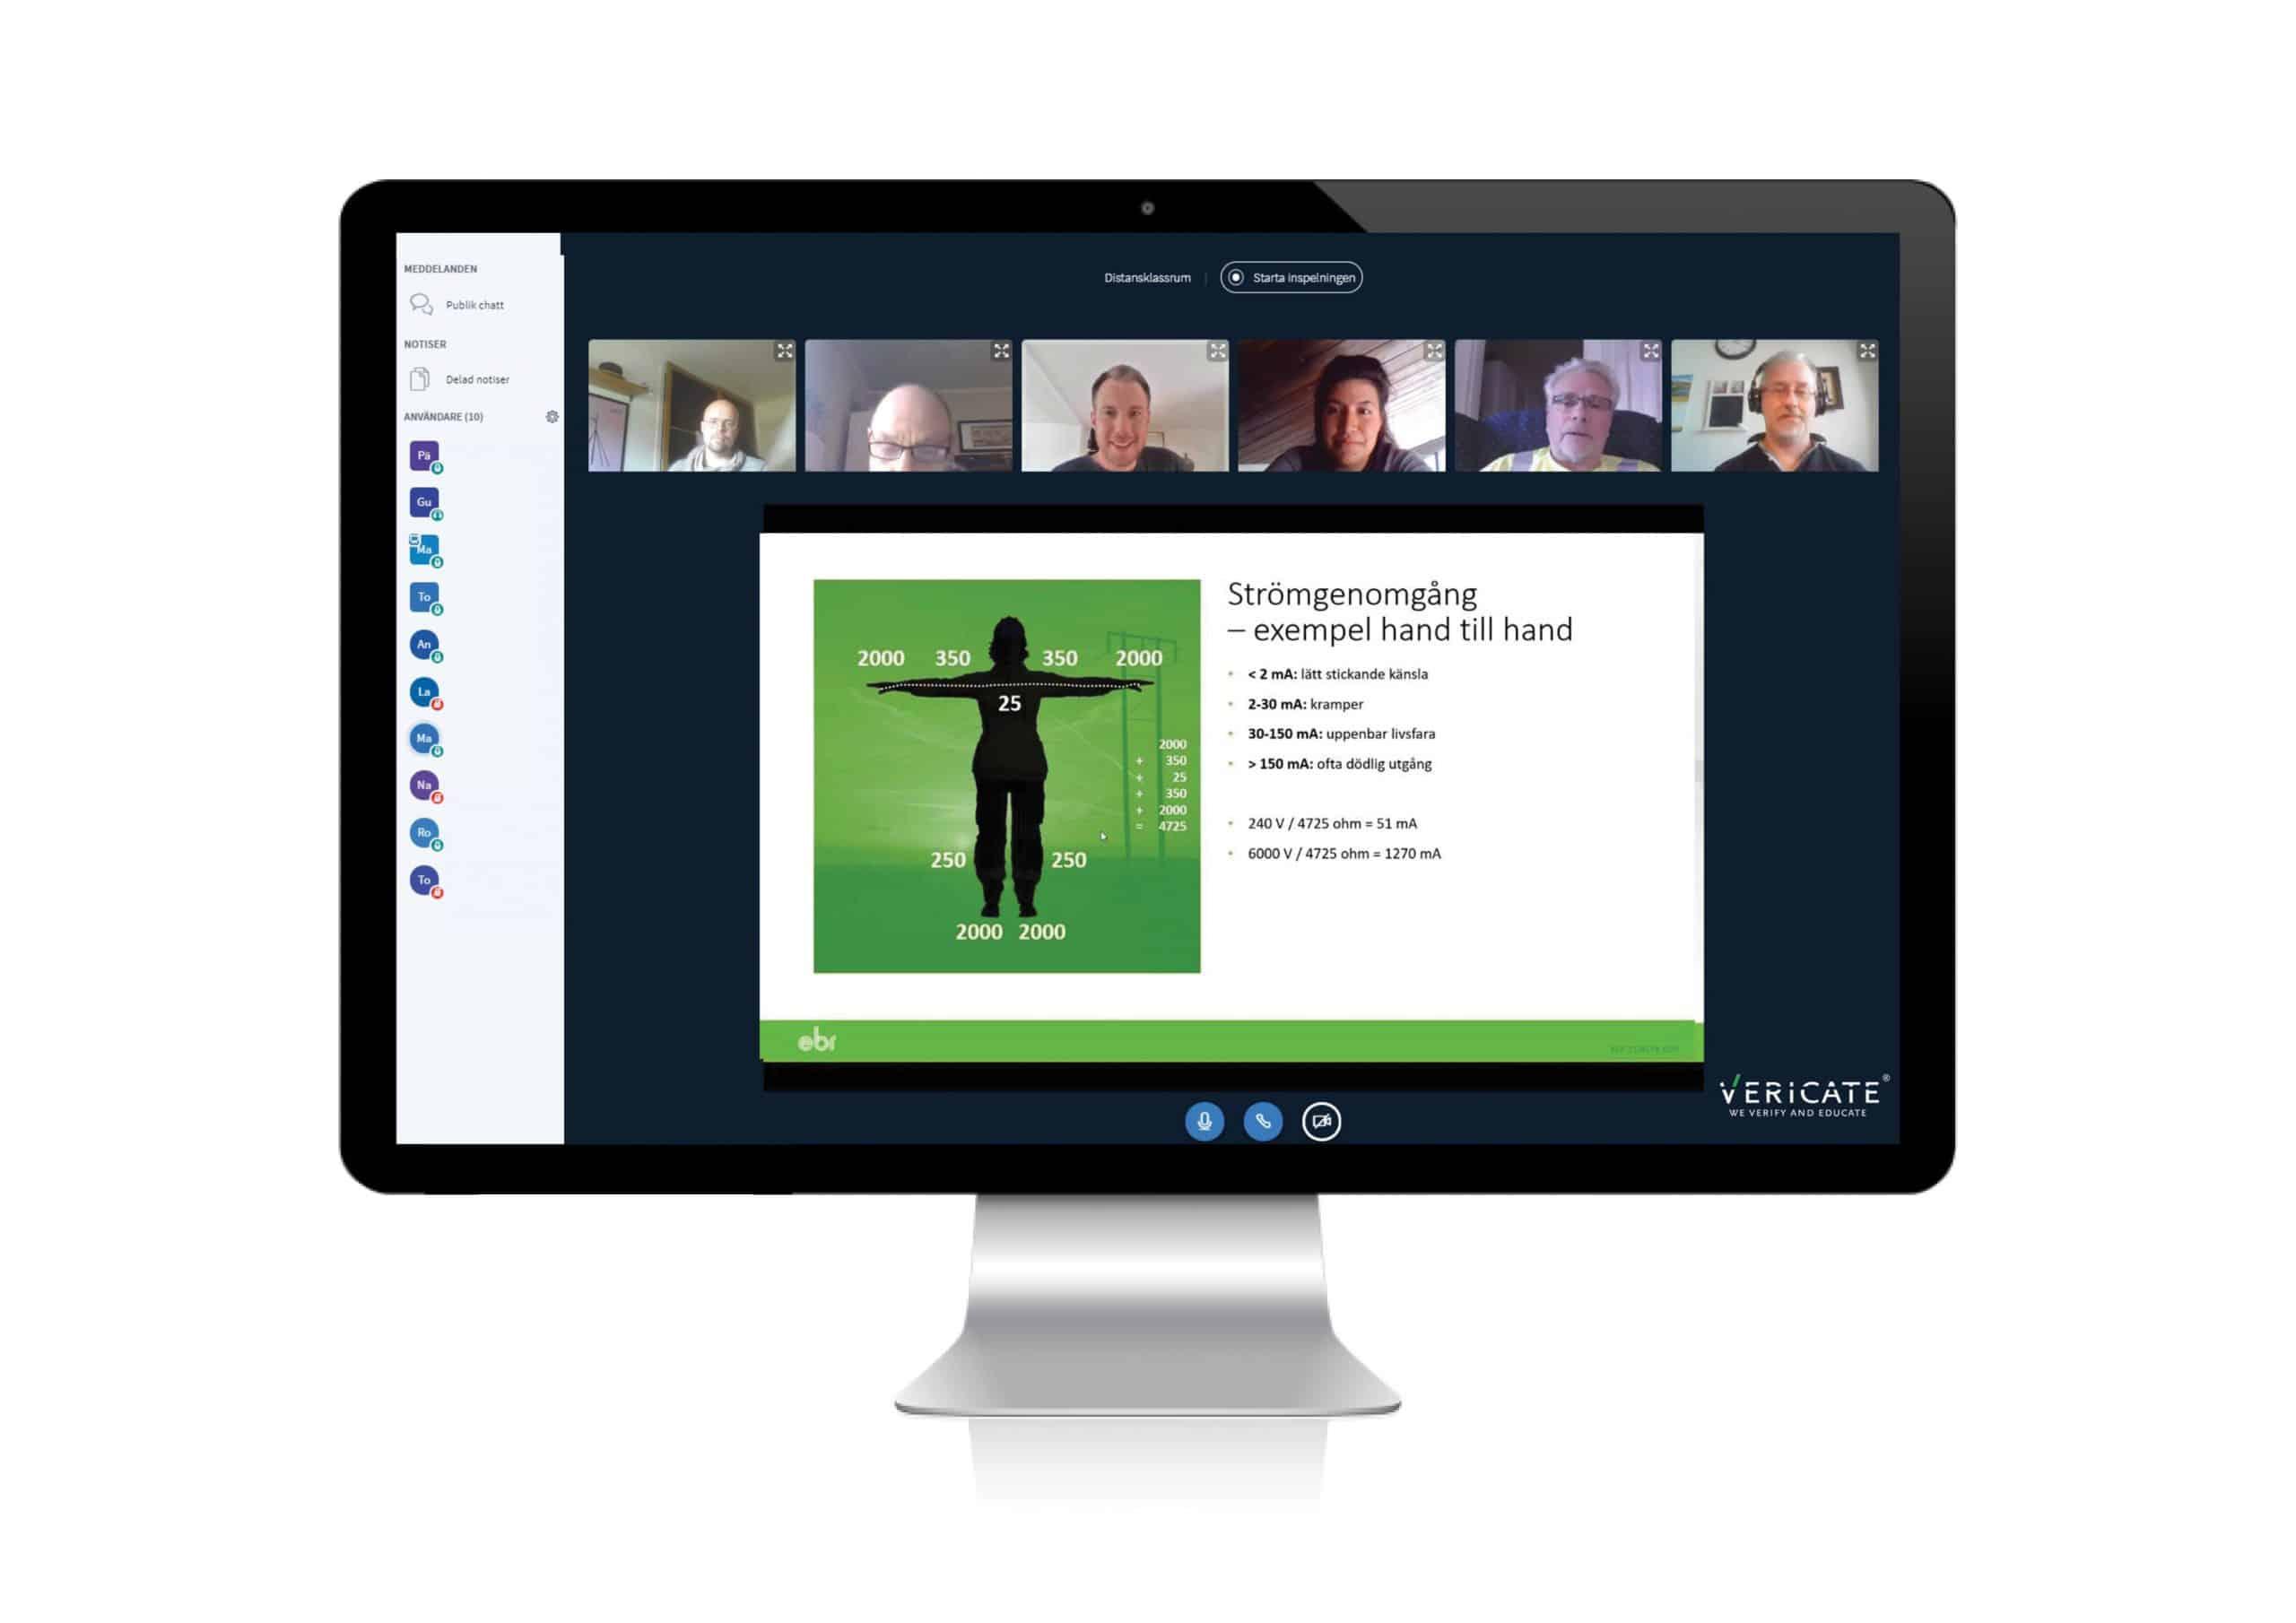 elsäkerhetsutbildning ESA online Vericate